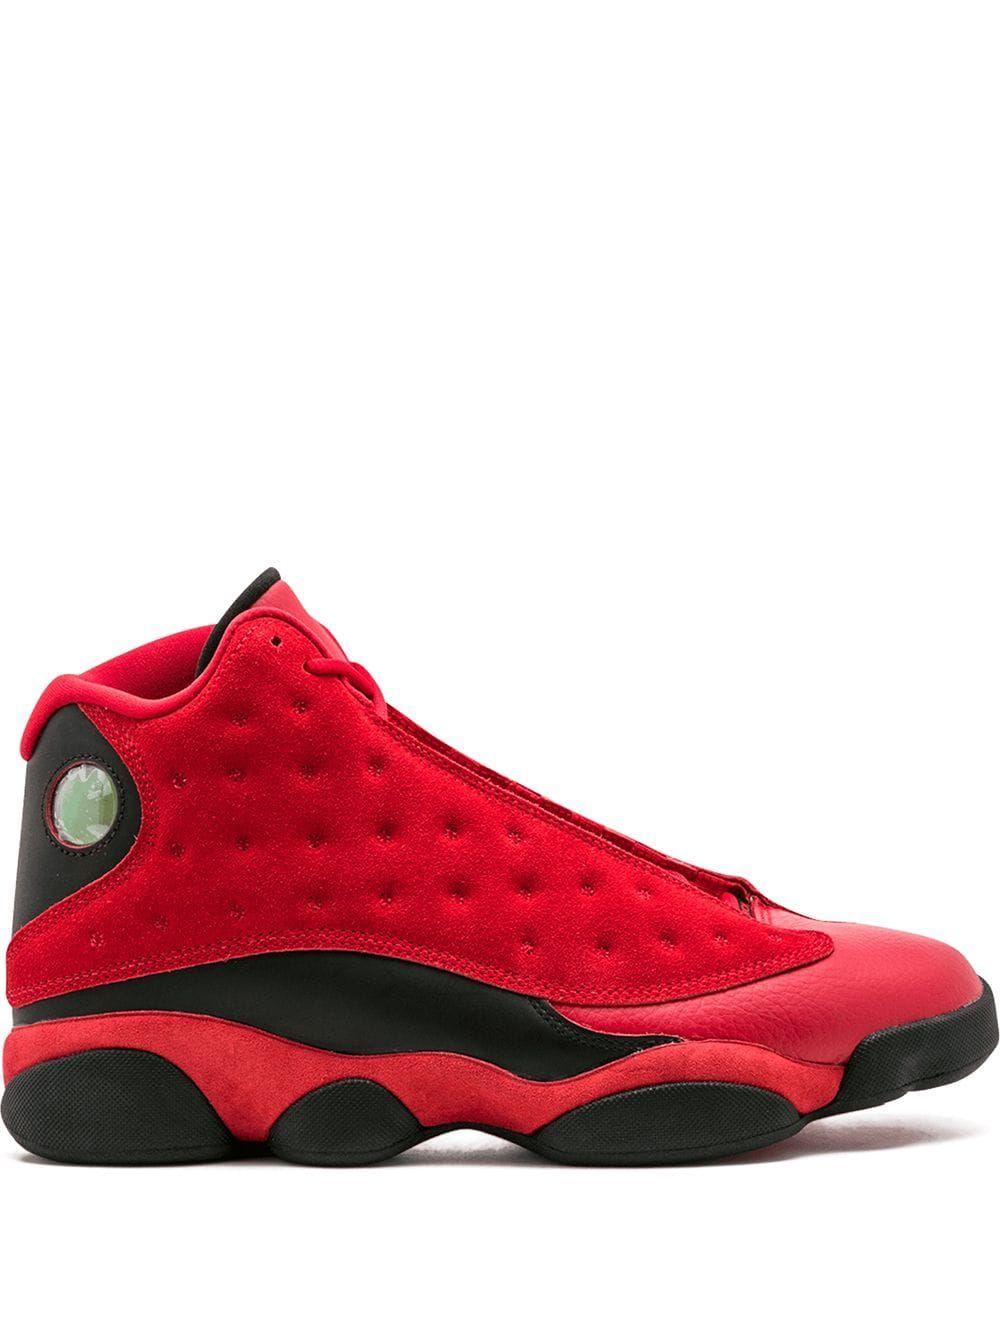 new products e229c 583a6 Jordan Air Jordan 13 Retro sneakers - Red in 2019 | Jordans ...